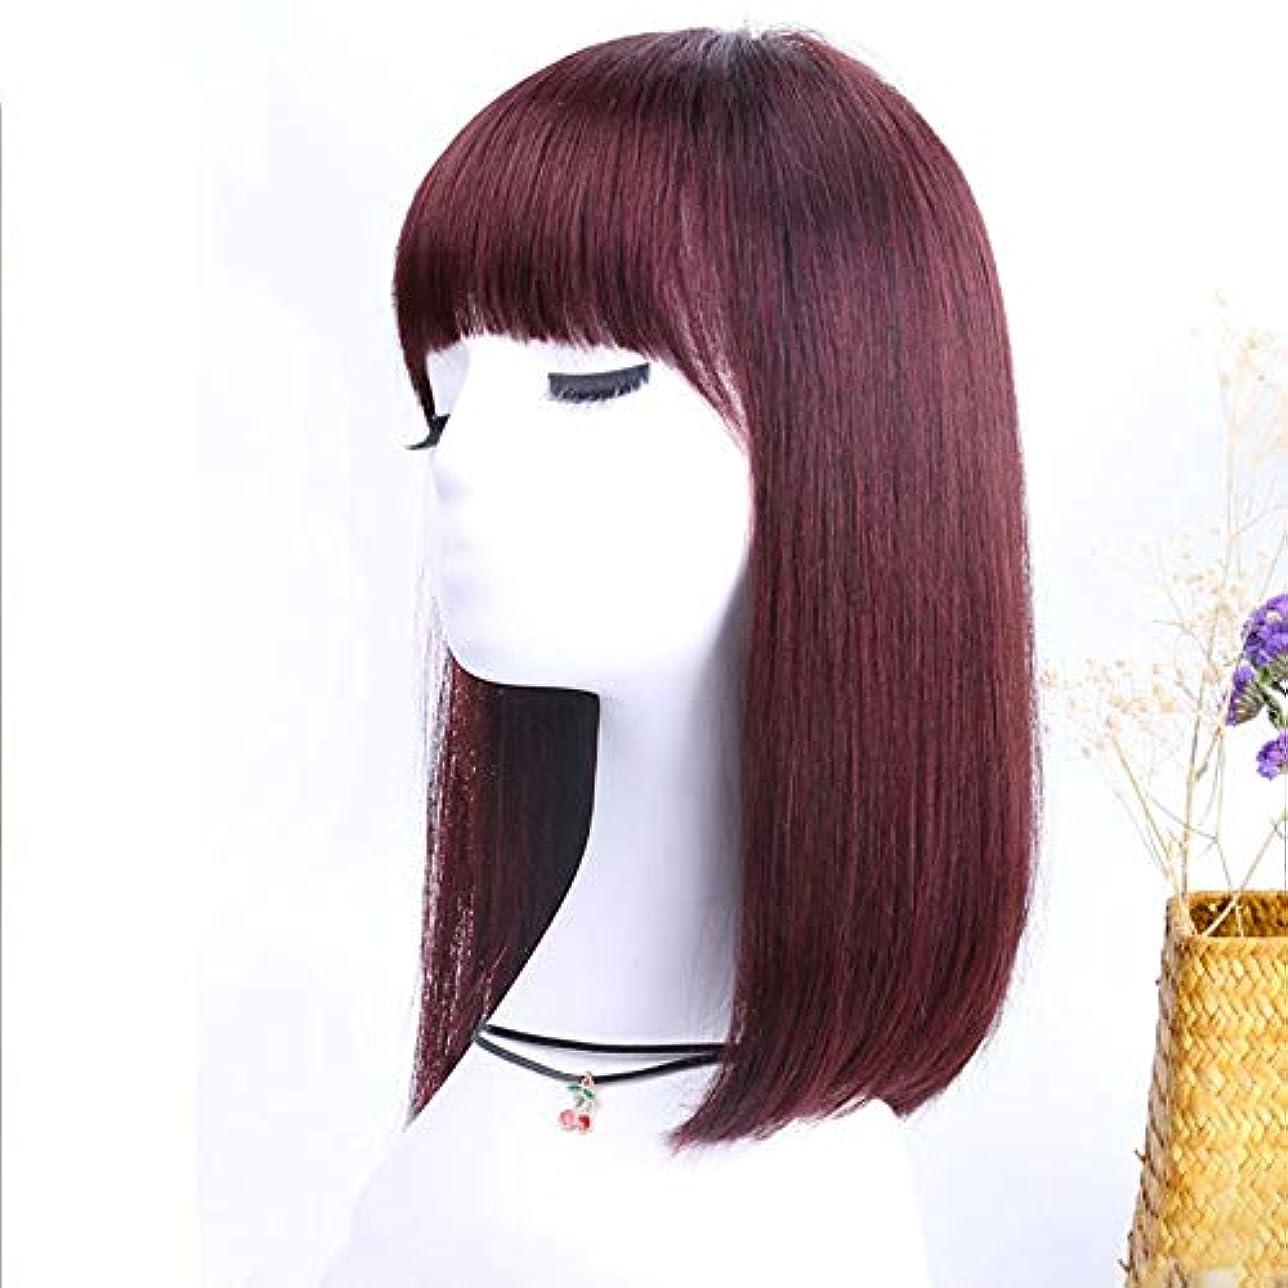 反論者ピークのYOUQIU 女性のパーティードレス毎日ウィッグのために本物の人間の髪の毛ボブウィッグショルダーストレート髪の内側にバックル梨ヘッド (色 : Dark brown)